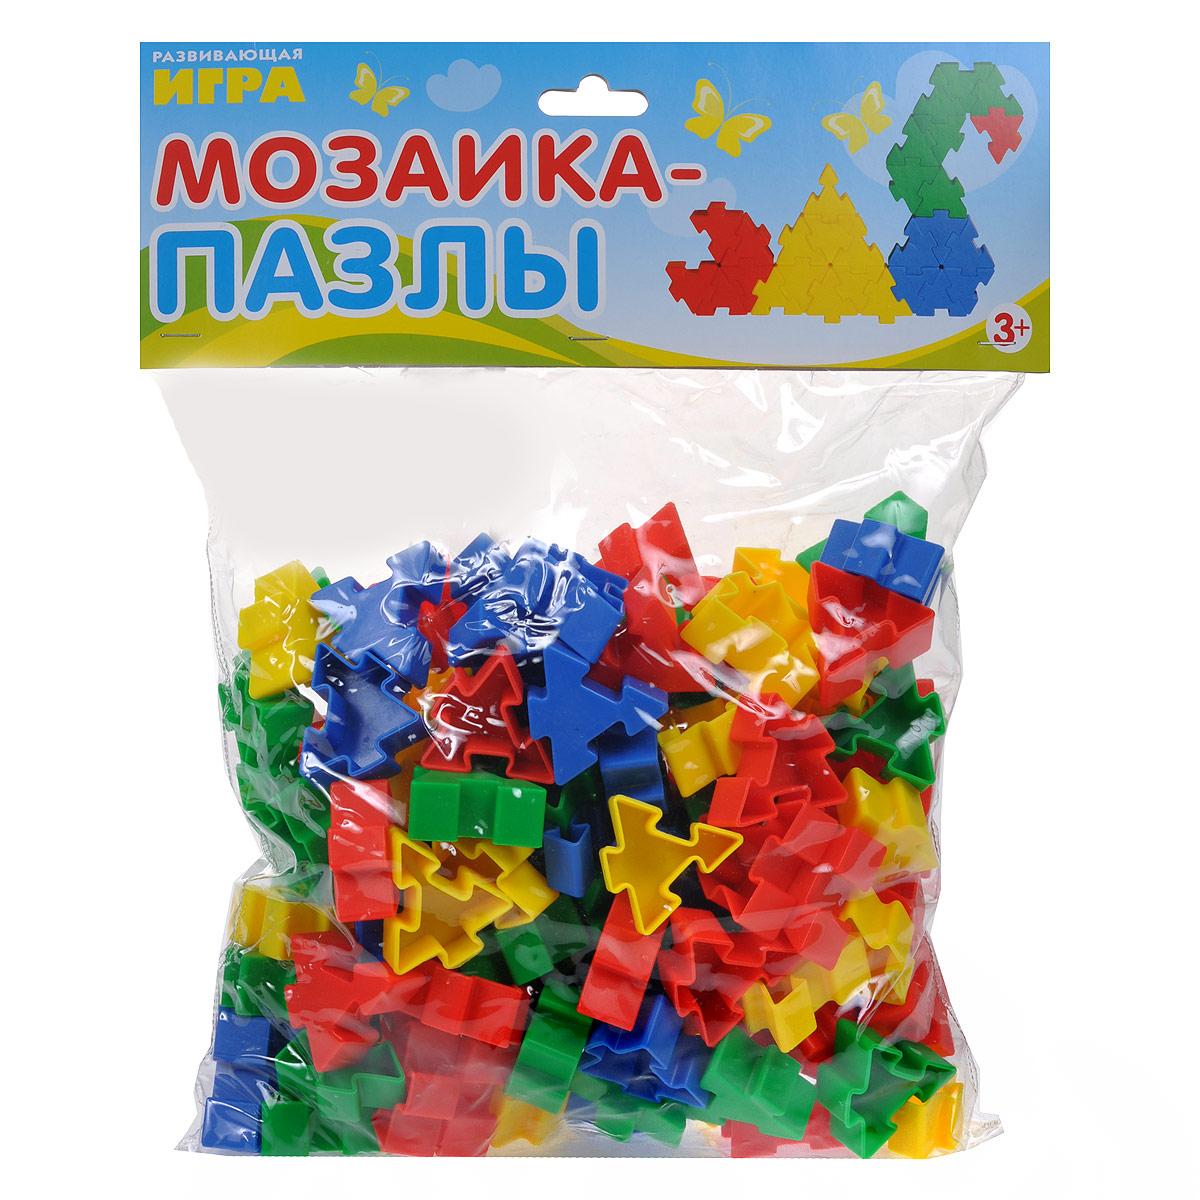 Стрекоза Развивающая игра Мозаика-пазлы4620758632030Детская развивающая игра Мозаика-пазлы - самая творческая и увлекательная игра! Она не только развивает воображение и мелкую моторику, но и усидчивость. Малыш может создавать множество ярких фигур с помощью цветных деталей. Комплектация: набор разноцветных элементов мозаики (4 цвета). Набор упакован в пластиковый прозрачный пакет с подвесом (блистер).